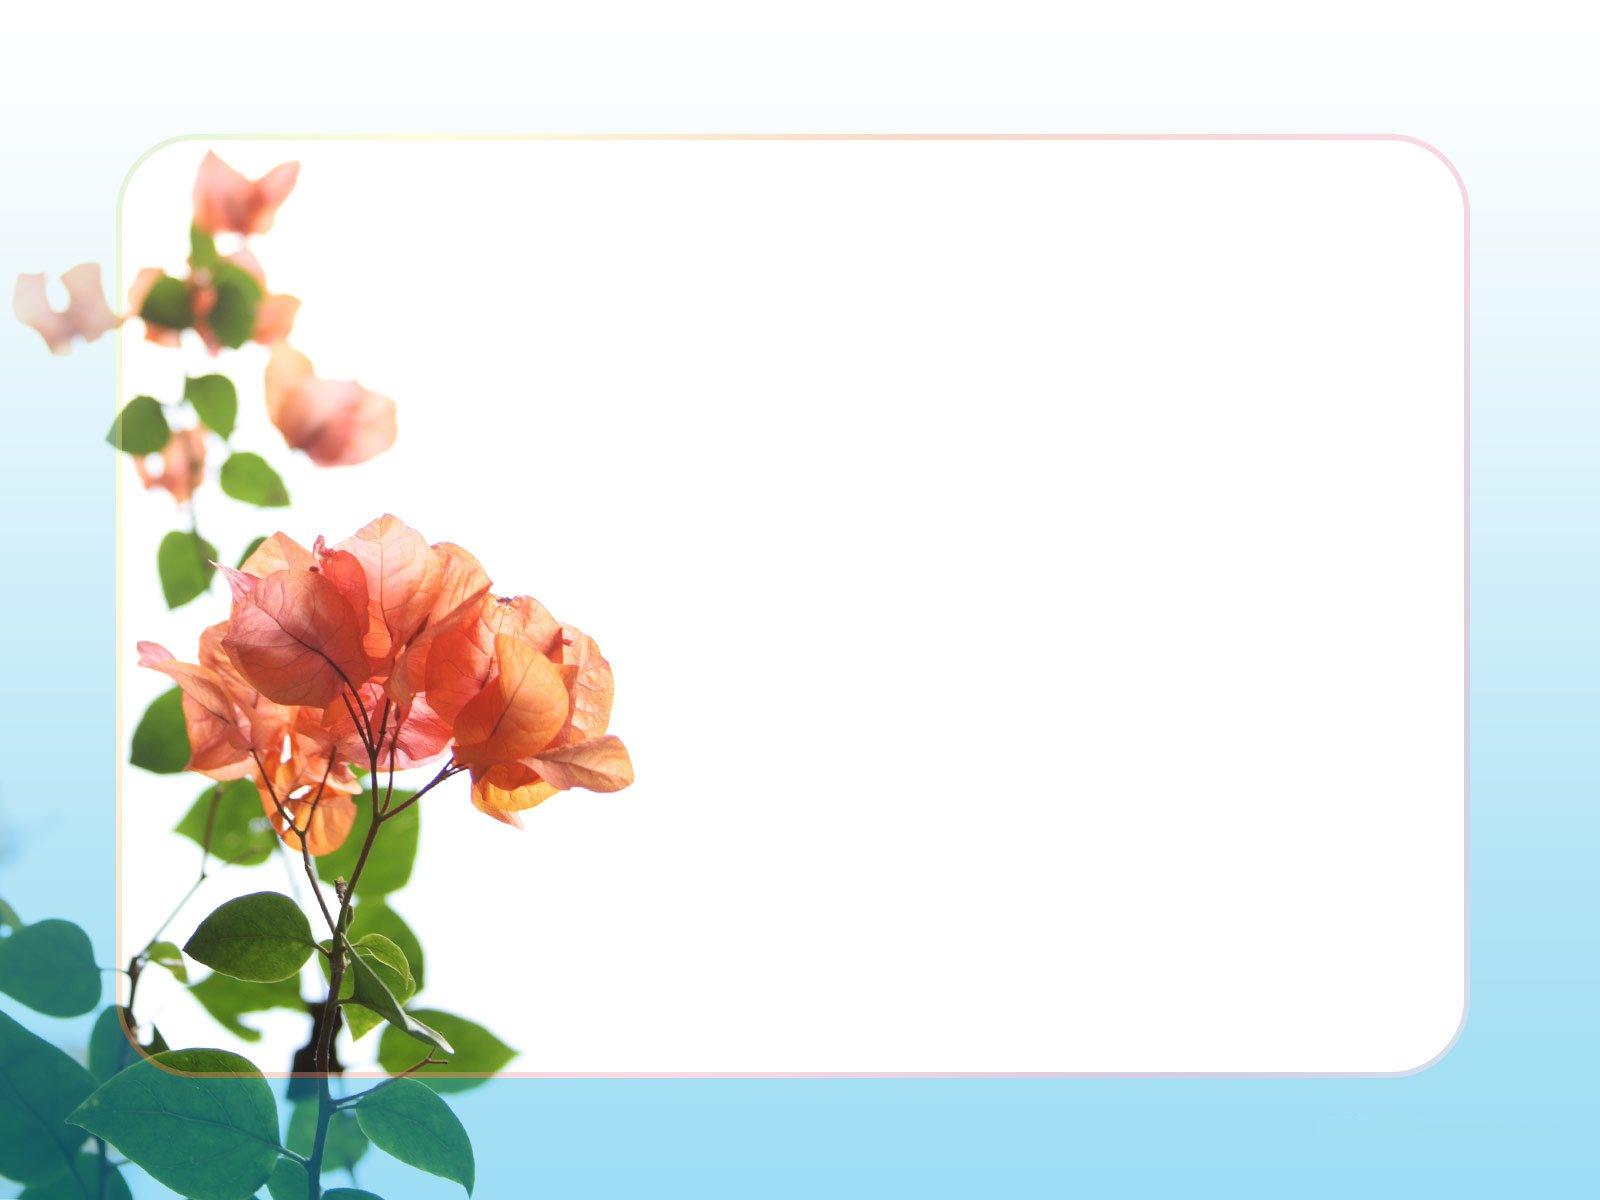 Hình nền Powerpoint màu trắng dễ thương